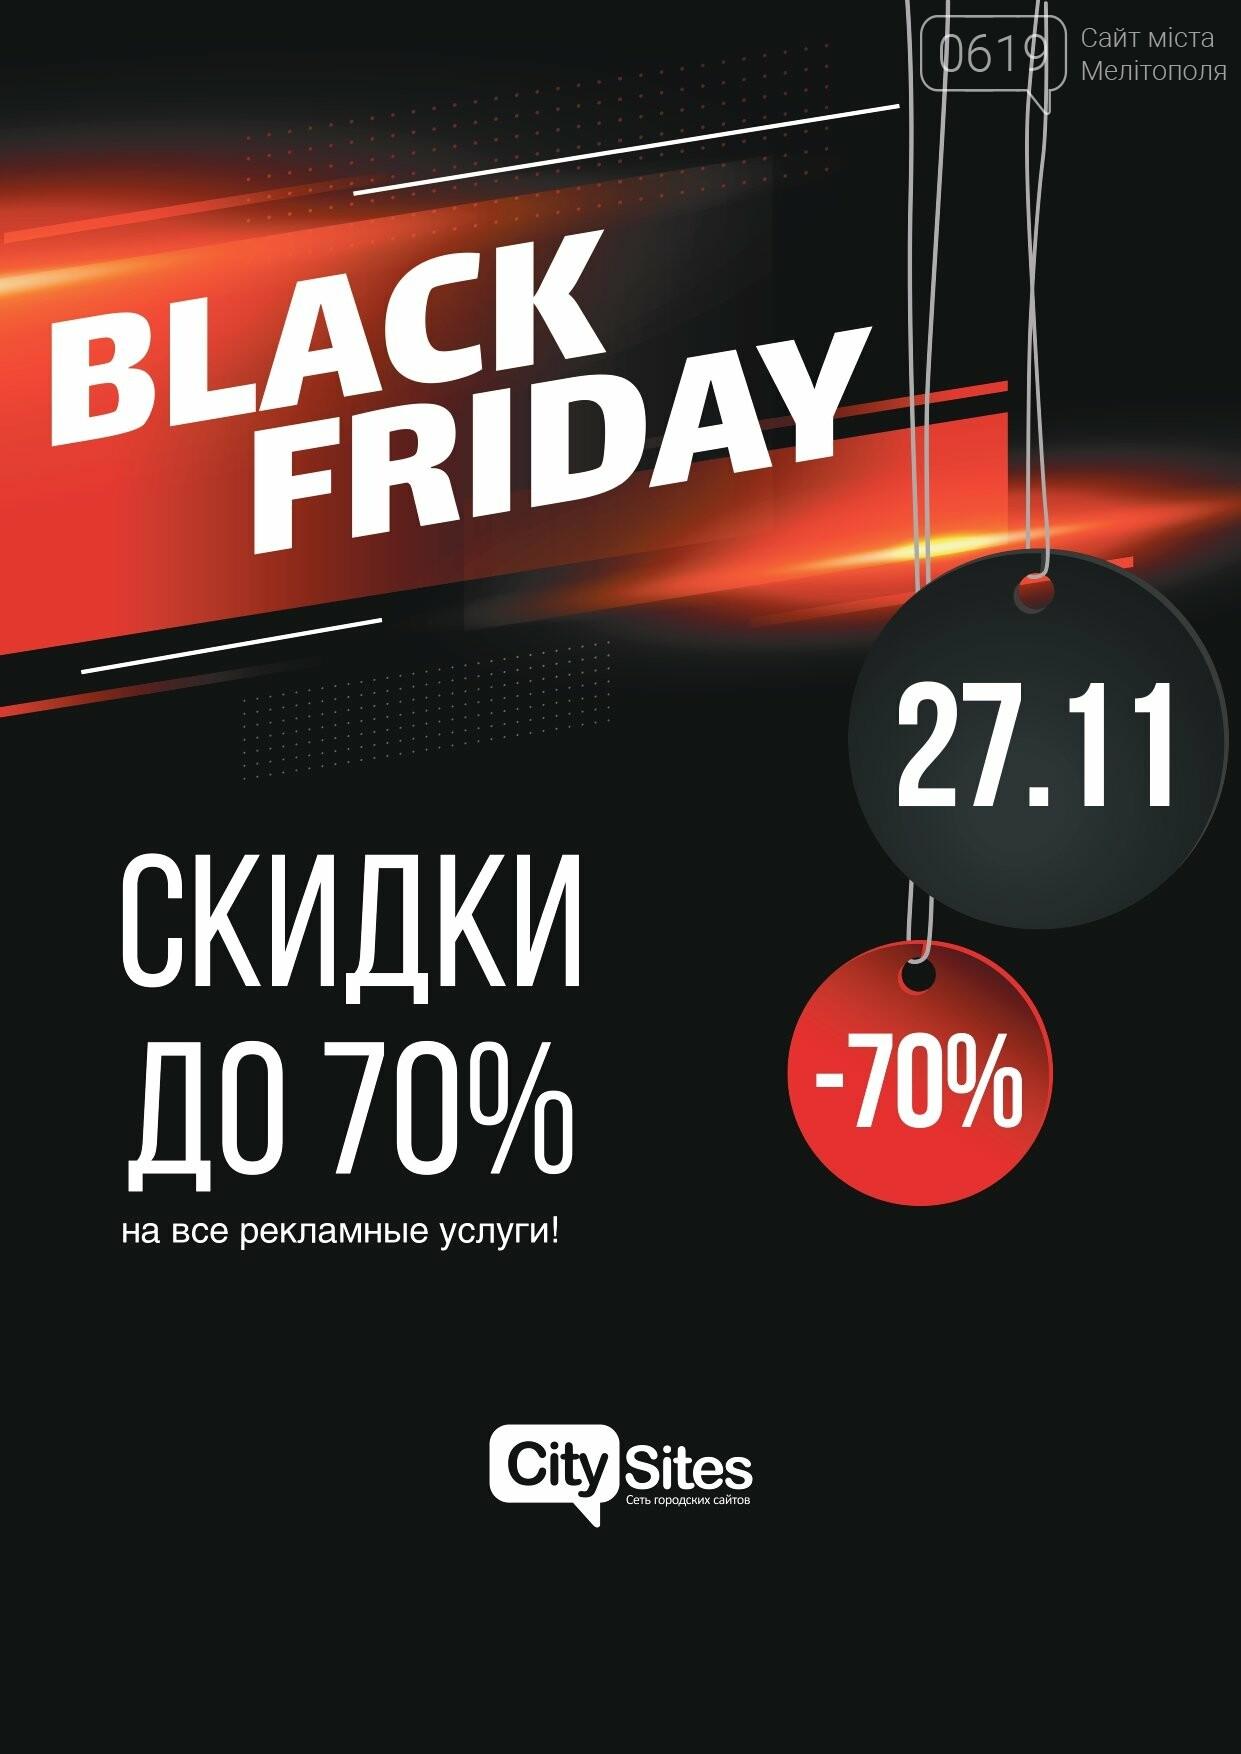 Черная пятница на сайте города! Скидки до 70% на все рекламные услуги!, фото-1